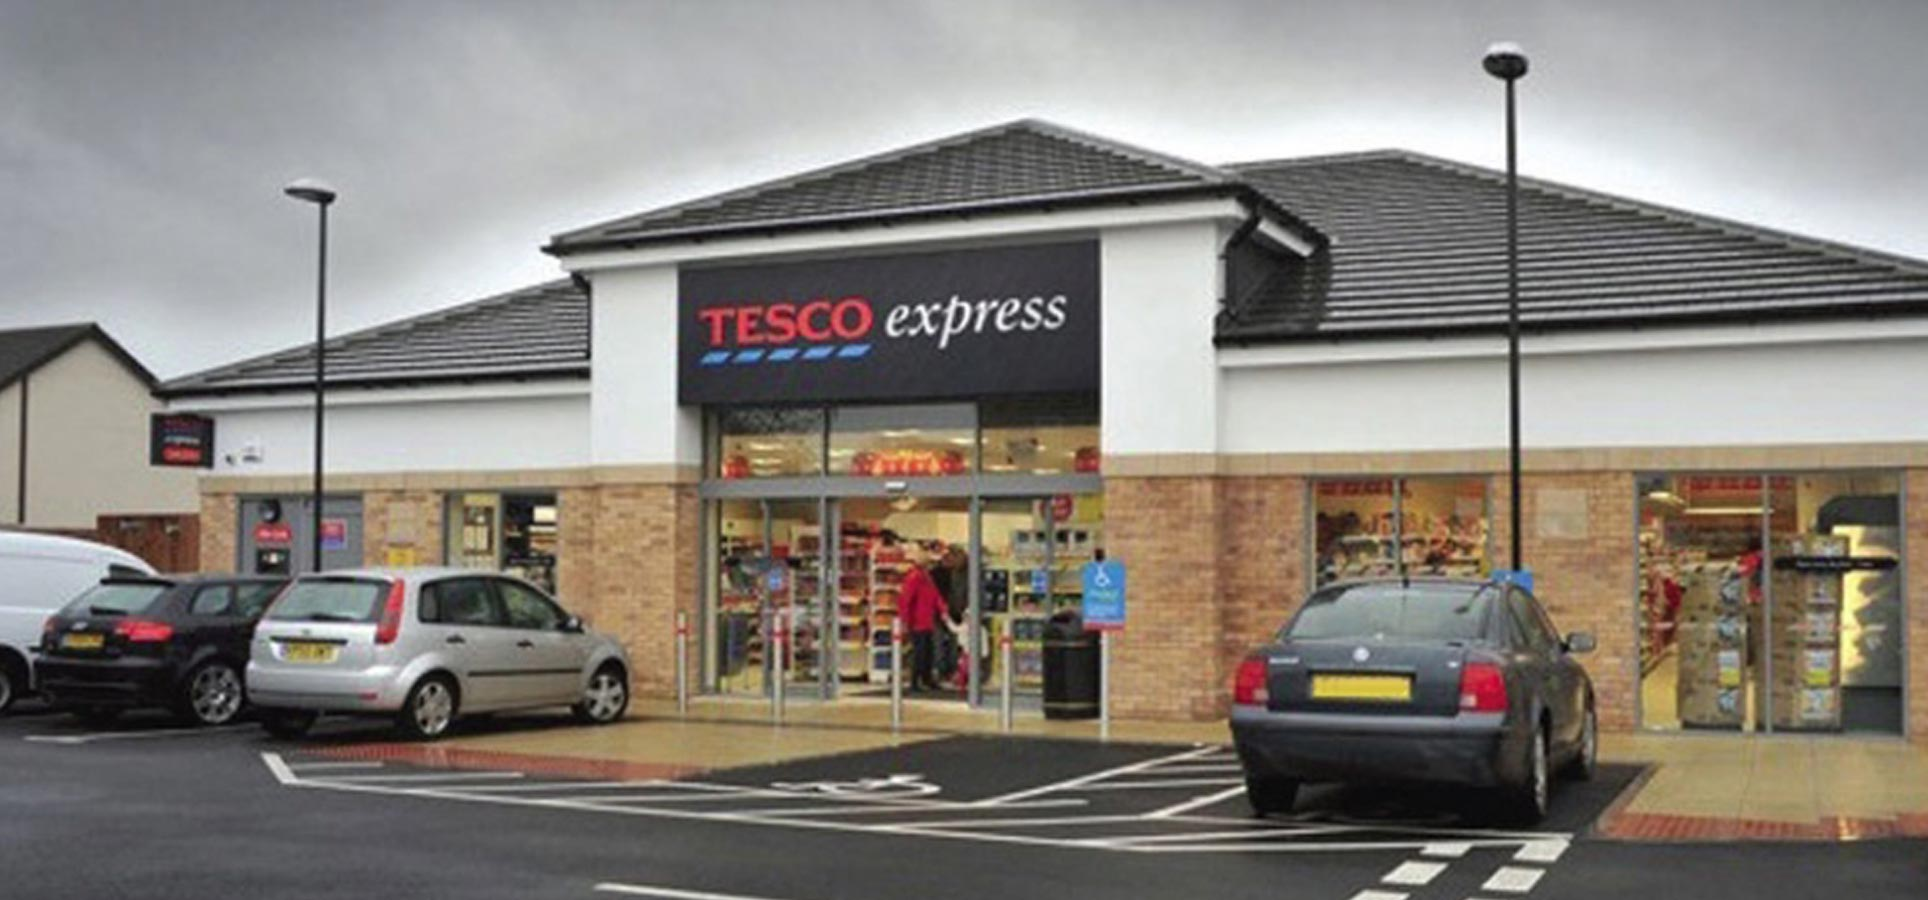 Tesco Express, Shepshed, Jessops Construction Ltd